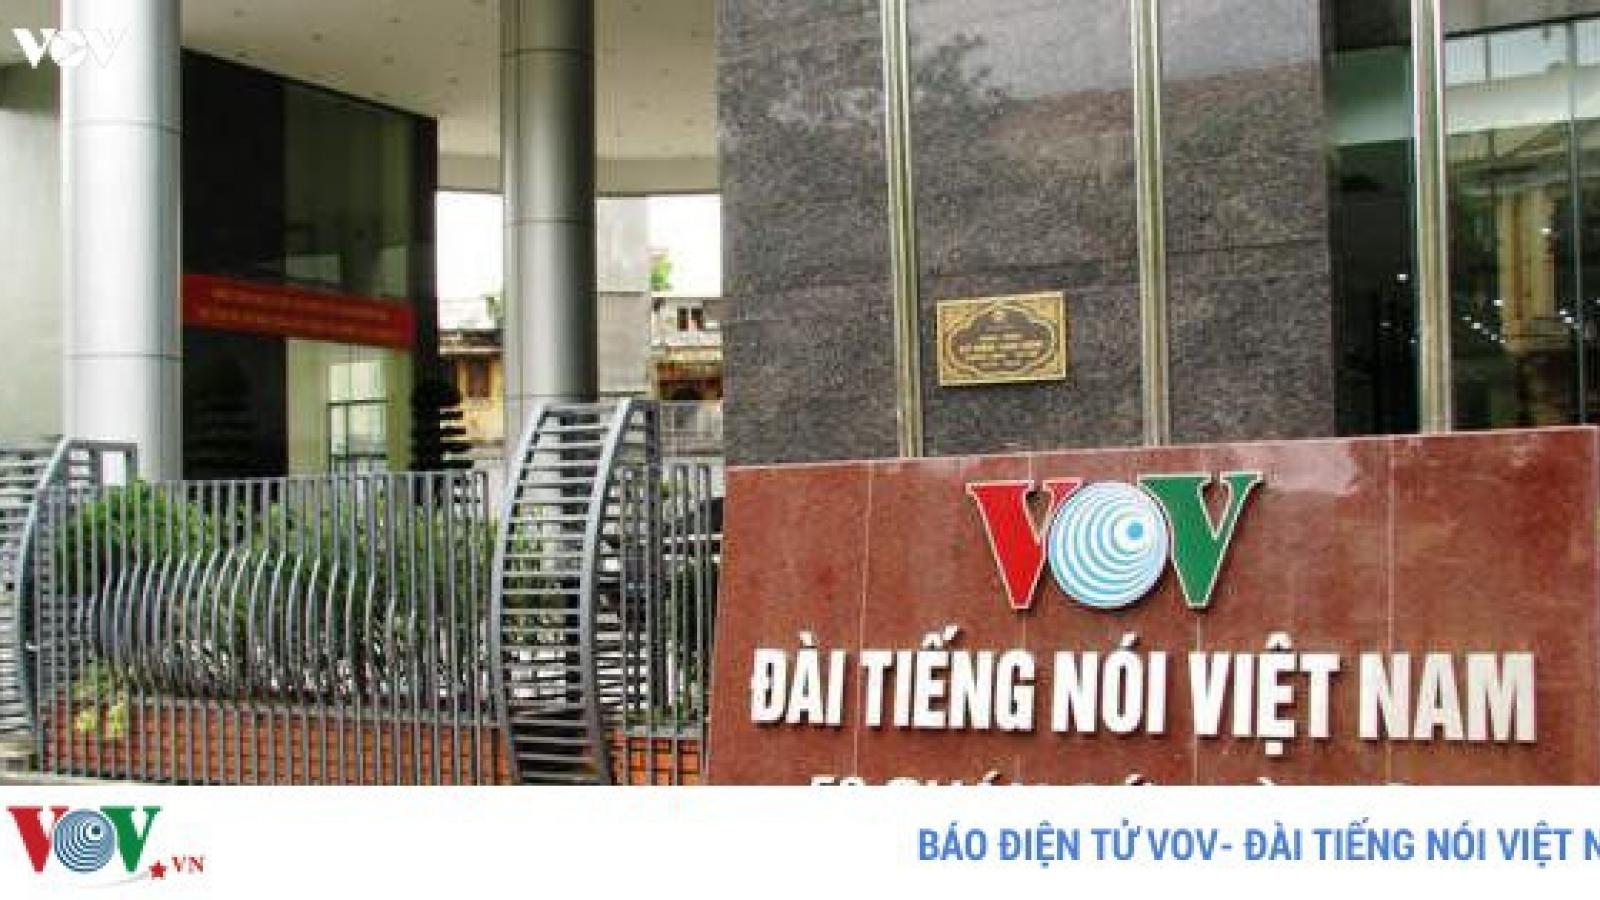 VOV tuyển dụng bổ sung chuyên viên làm việc tại Ban Hợp tác quốc tế